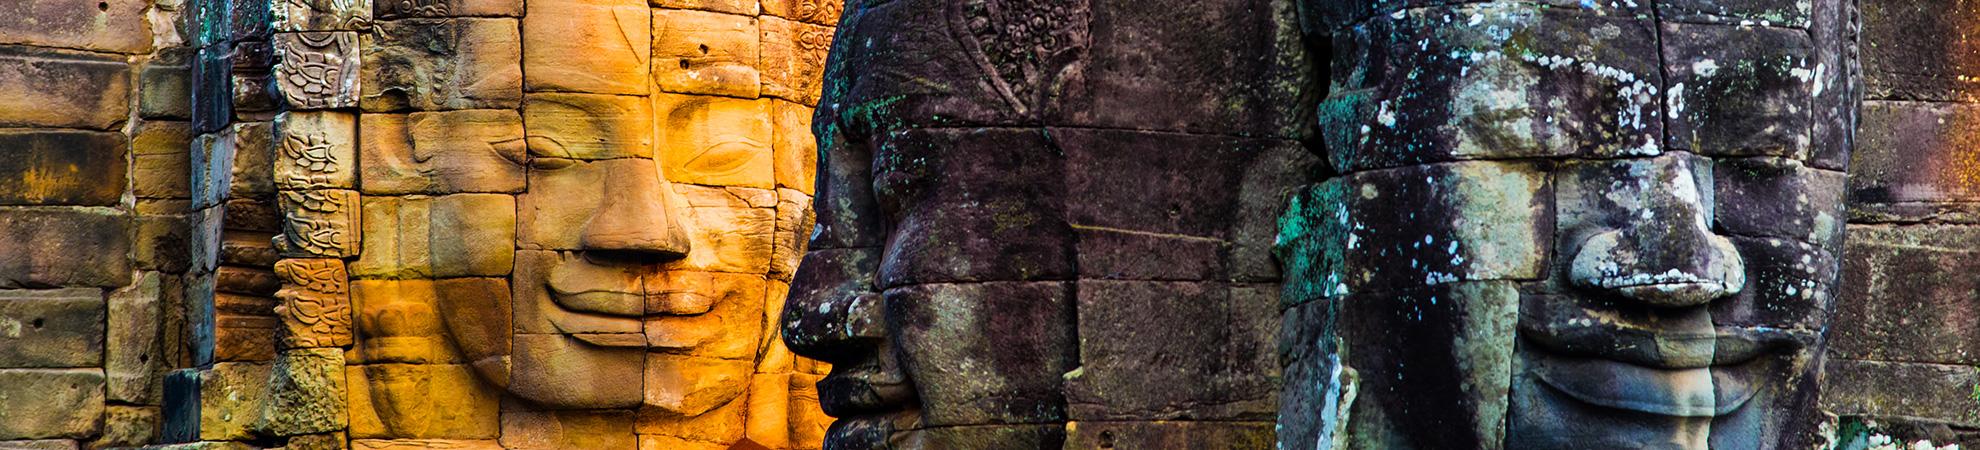 Visiter le Cambodge: un voyage extraordinaire qui passe par Phnom Penh, Sihanoukville et les temples d'Angkor